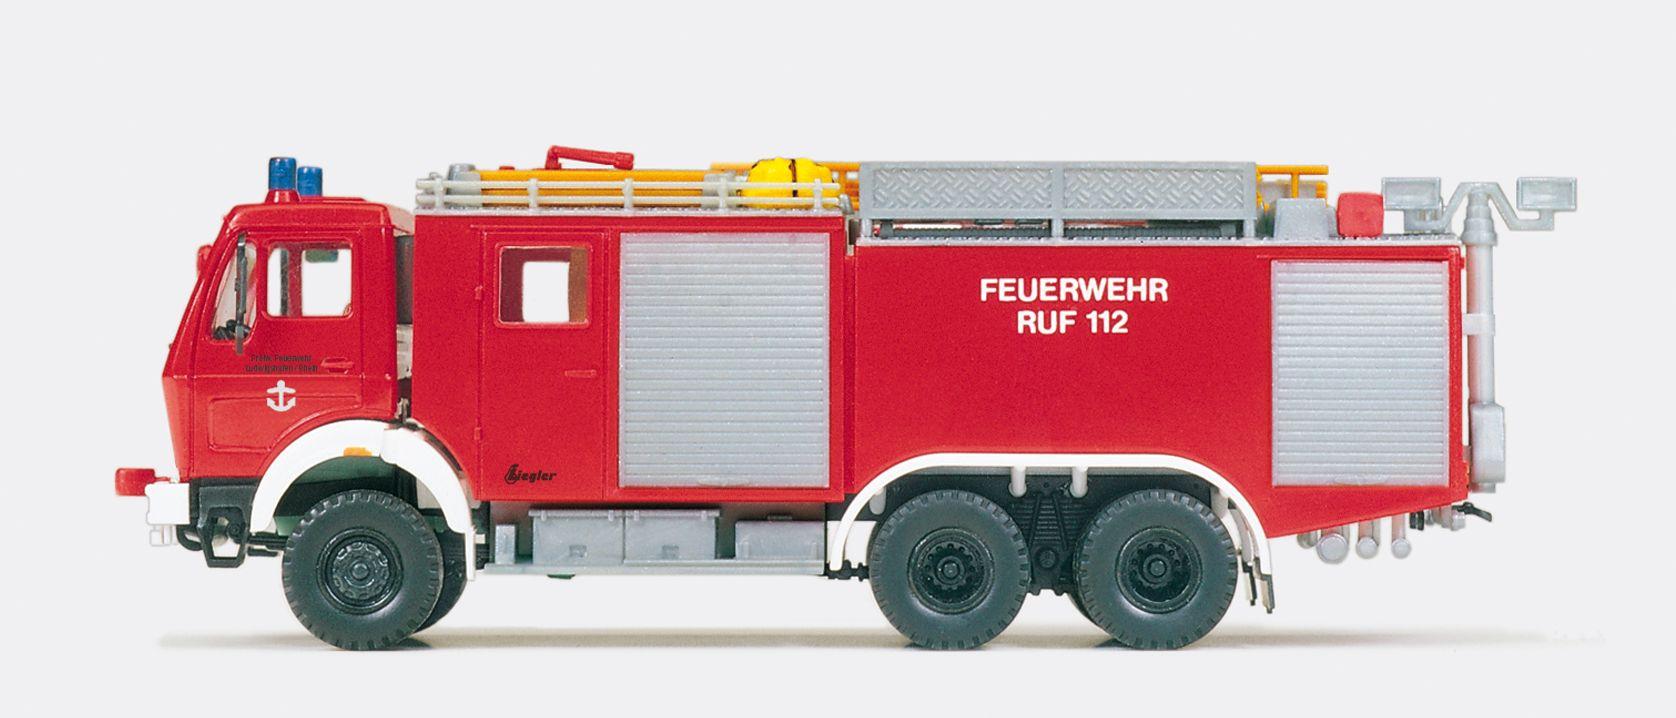 1:87 Feuerwehr Tanklöschfahrzeug TLF 48- 50-5 MB 2632 AK-38, Aufbau ZIEGLER, Bausatz - Preiser 31172  | günstig bestellen bei Modelleisenbahn Center  MCS Vertriebs GmbH